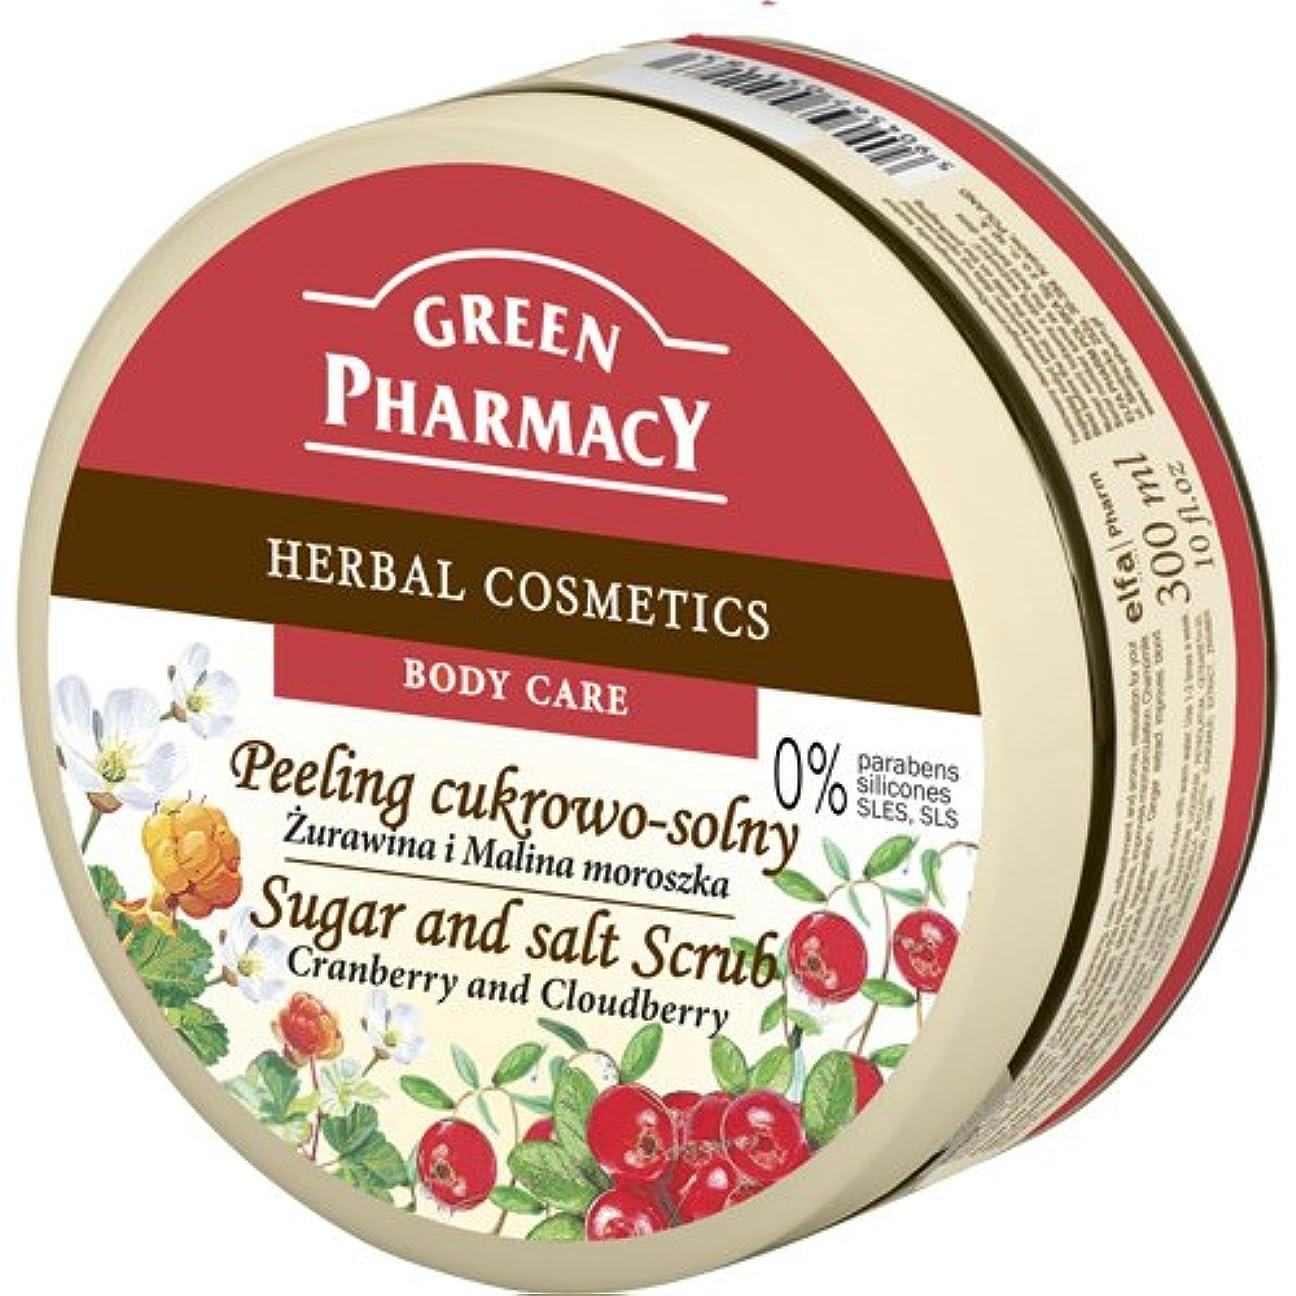 物質キャロライン自分のElfa Pharm Green Pharmacy シュガー&ソルトスクラブ Cranberry and Cloudberry